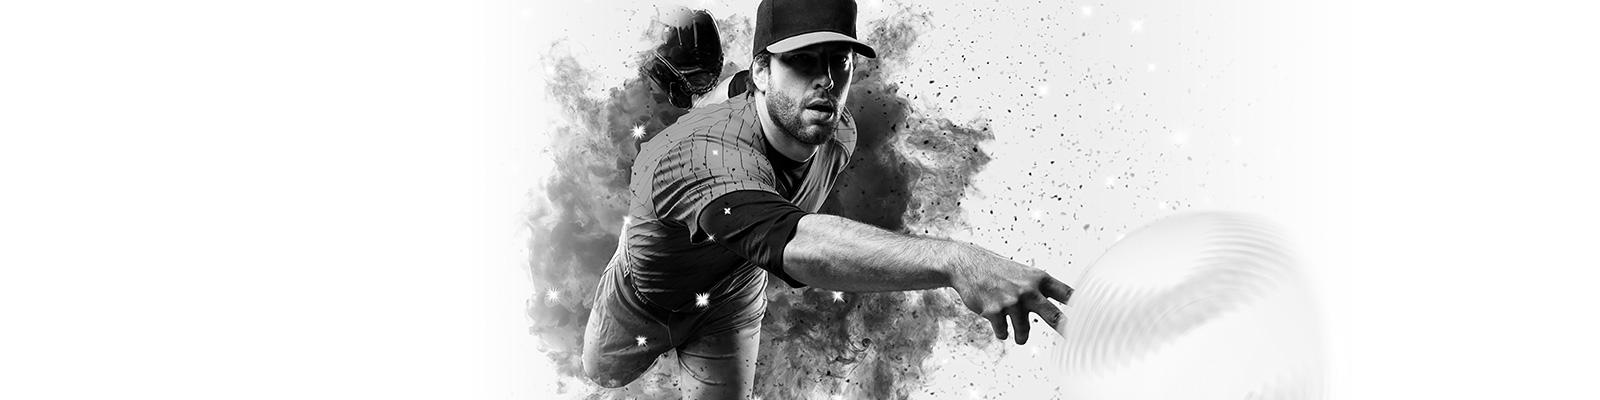 野球 選手 観戦 イメージ